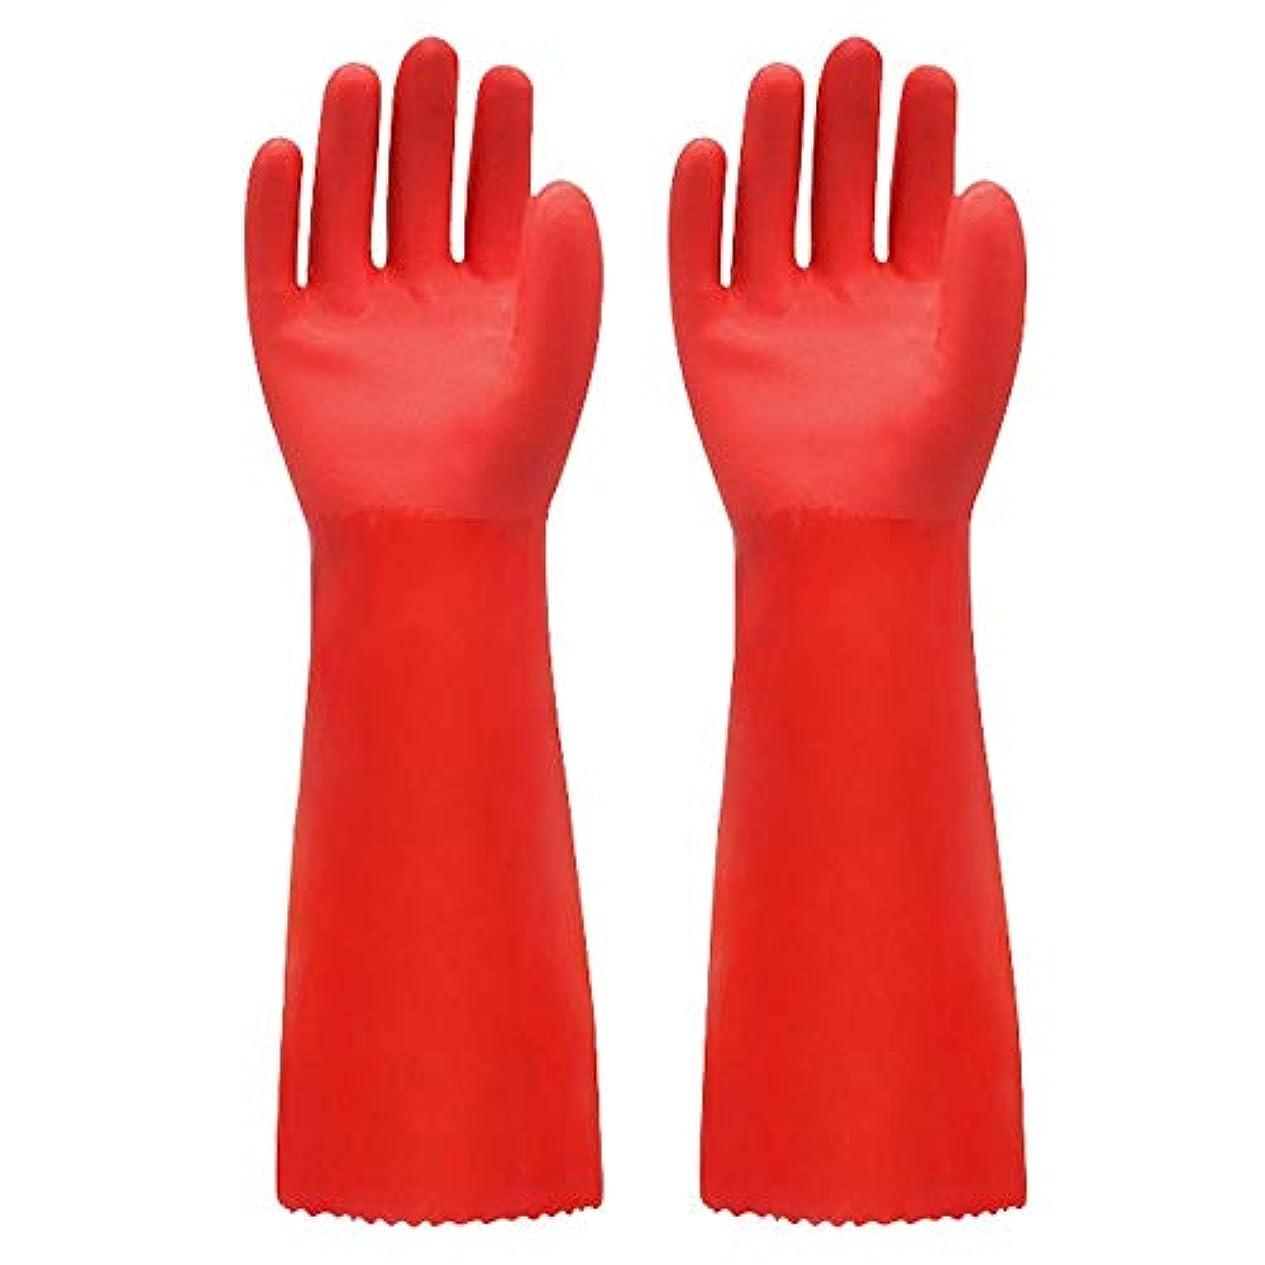 簡単に舌ビルマ使い捨て手袋 ゴム手袋長く暖かいとビロードのゴム製防水と耐久性のある手袋、1ペア ニトリルゴム手袋 (Color : RED, Size : L)